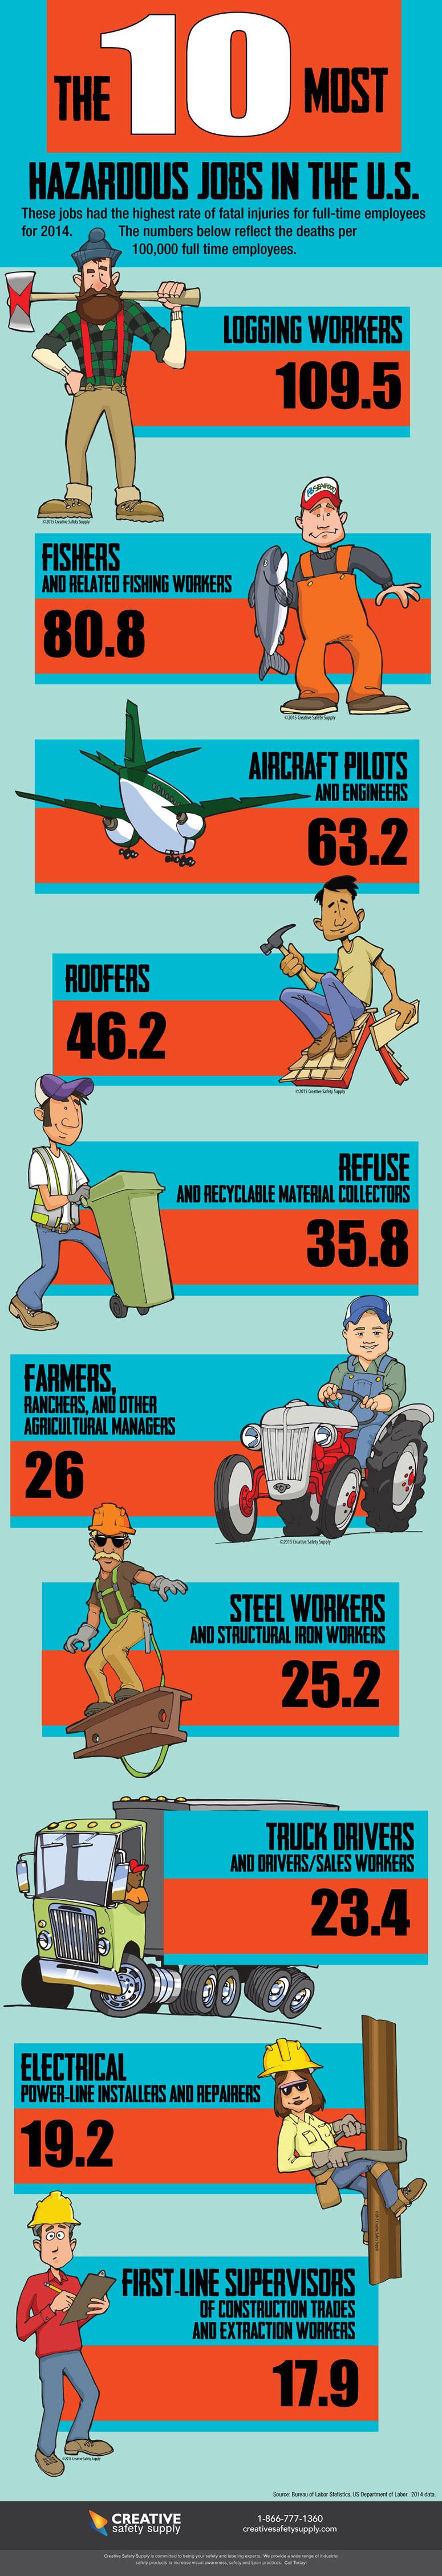 Hazardous Jobs infographic